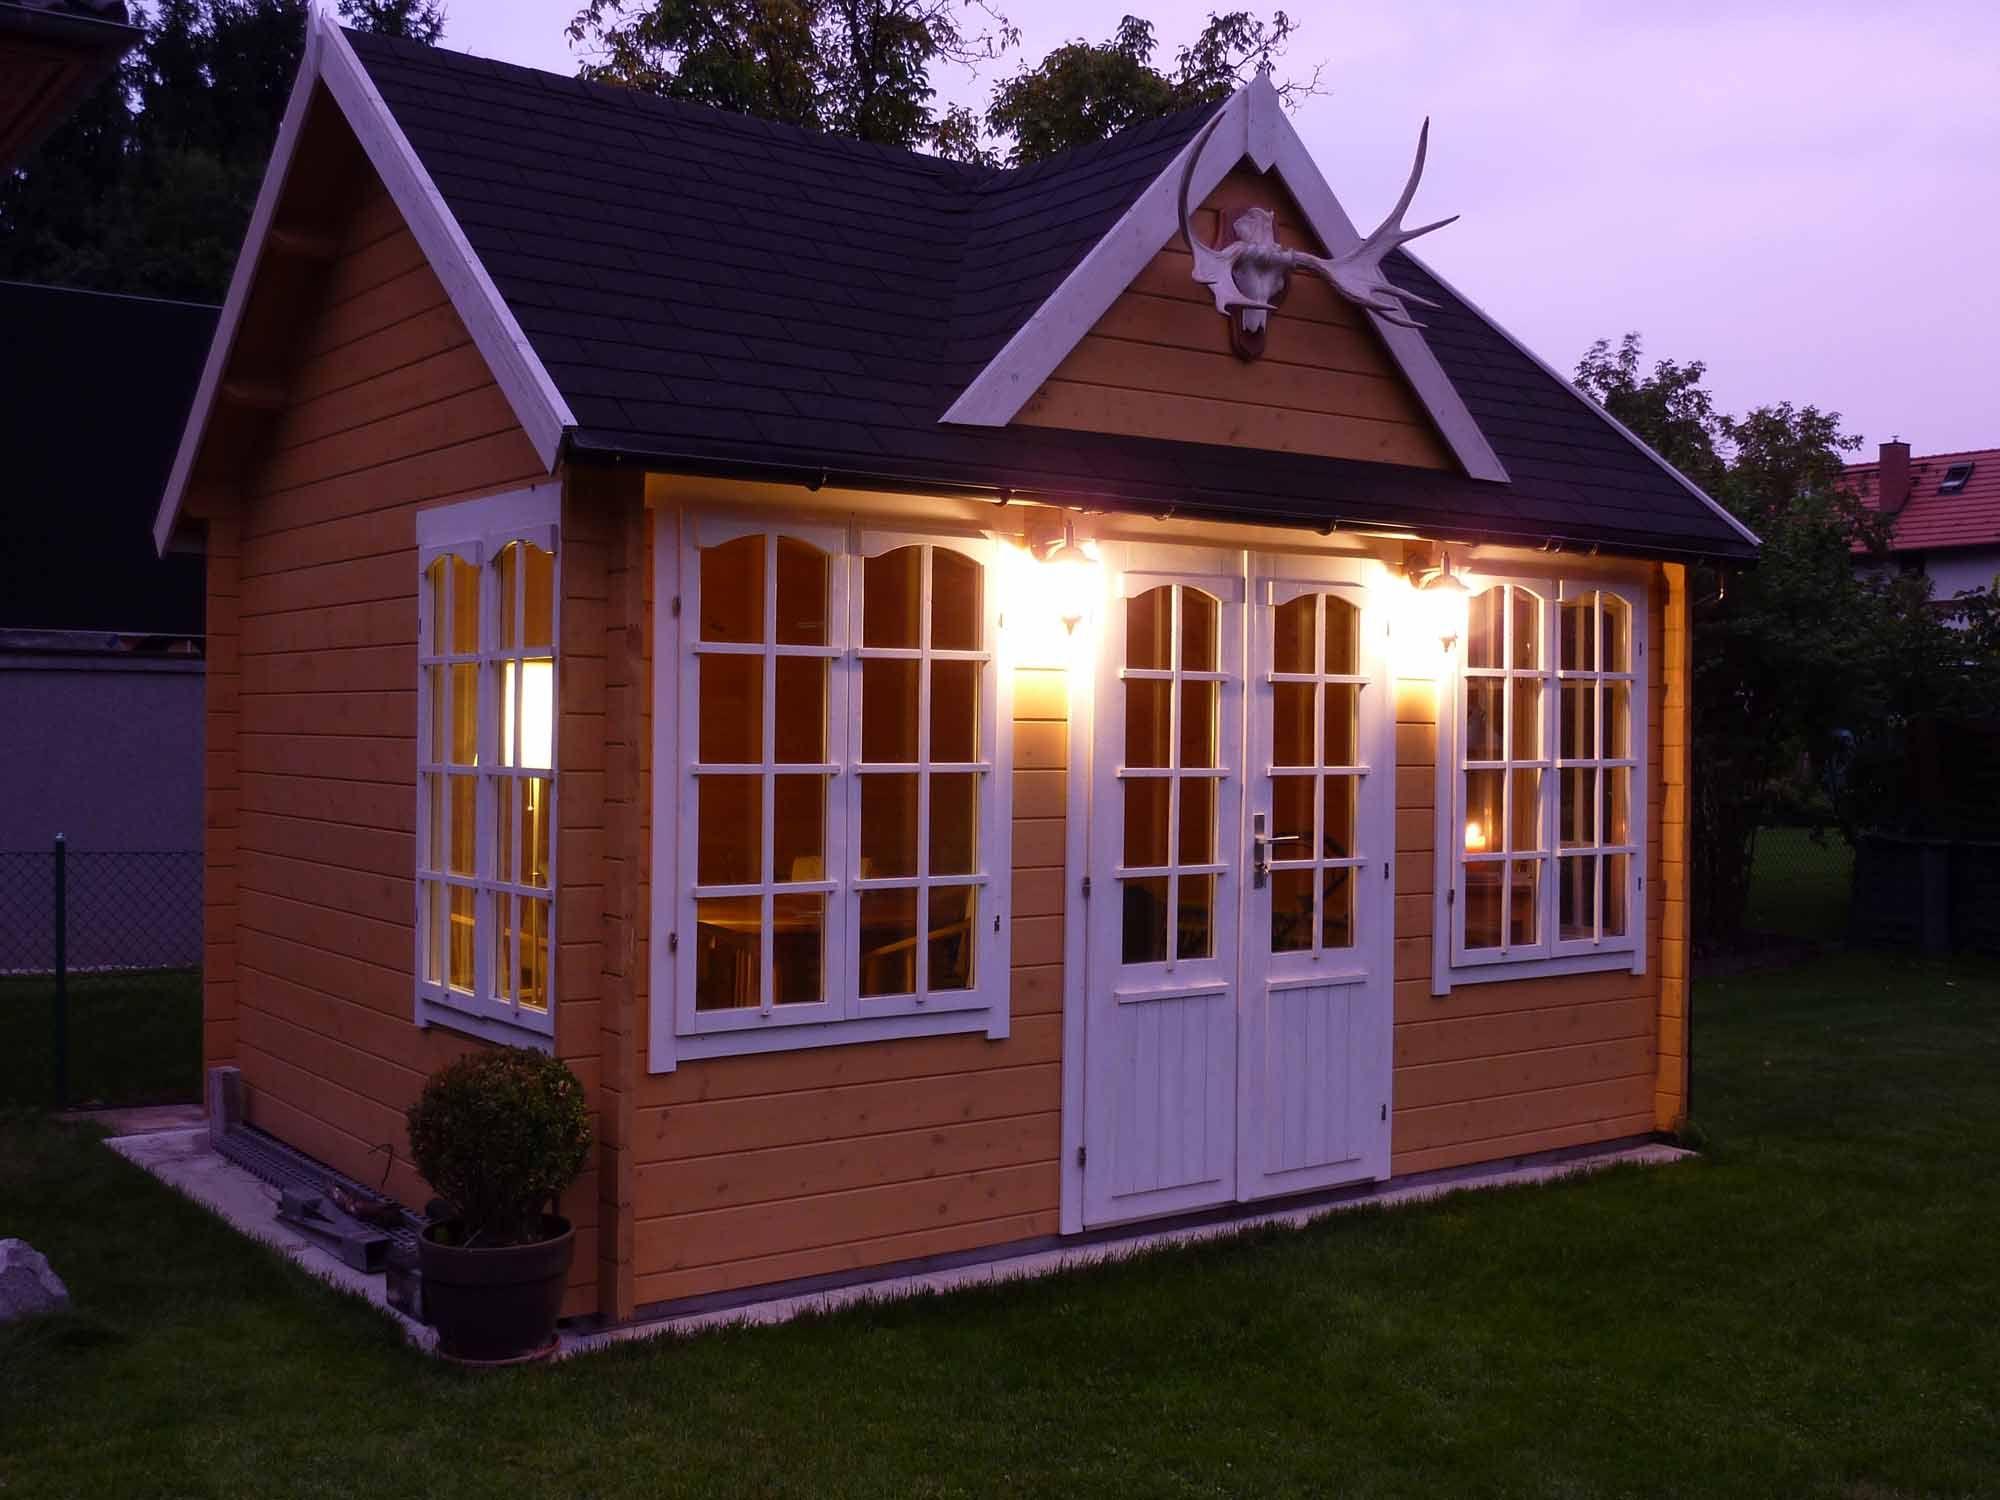 Clockhouse in der Abenddämmerung, ganz in Gelb und Weiß